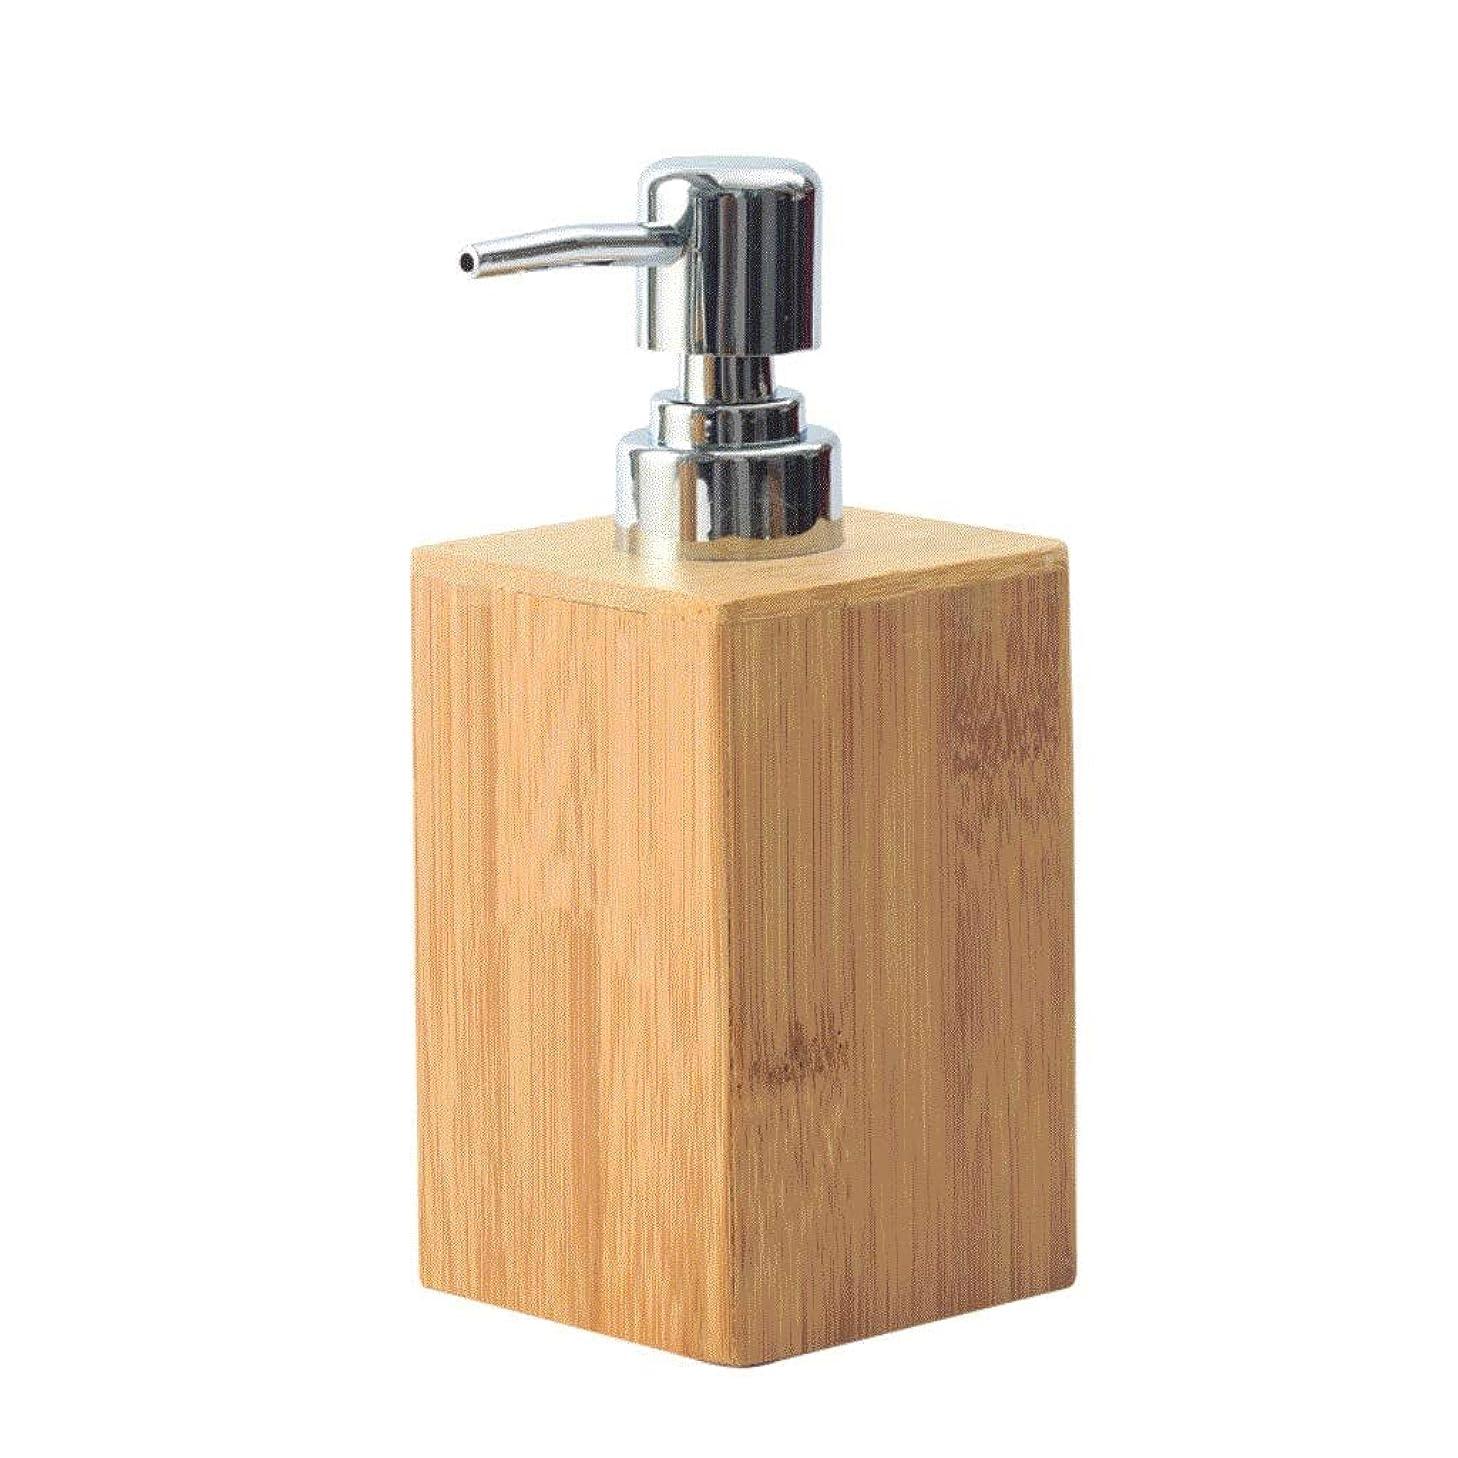 農夫チョークひまわりSHYPYG 石鹸ディスペンサー-石鹸ディスペンサー、キッチン、浴室、シャワー用の防水ポンプ